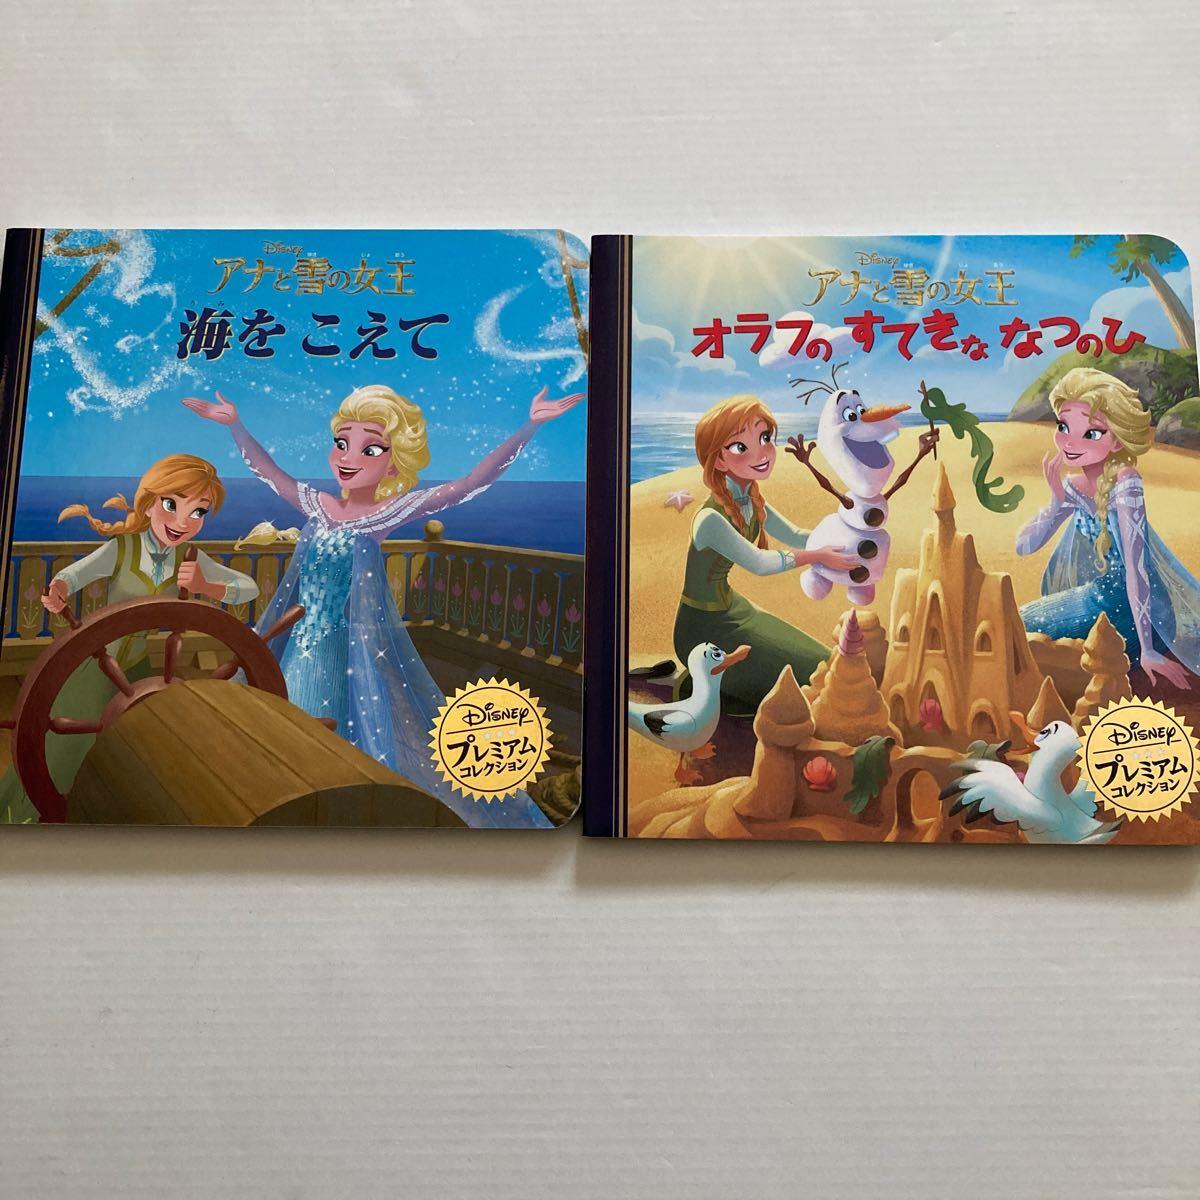 アナと雪の女王 ディズニープレミアムコレクション アナ雪 オラフ 絵本 えほん